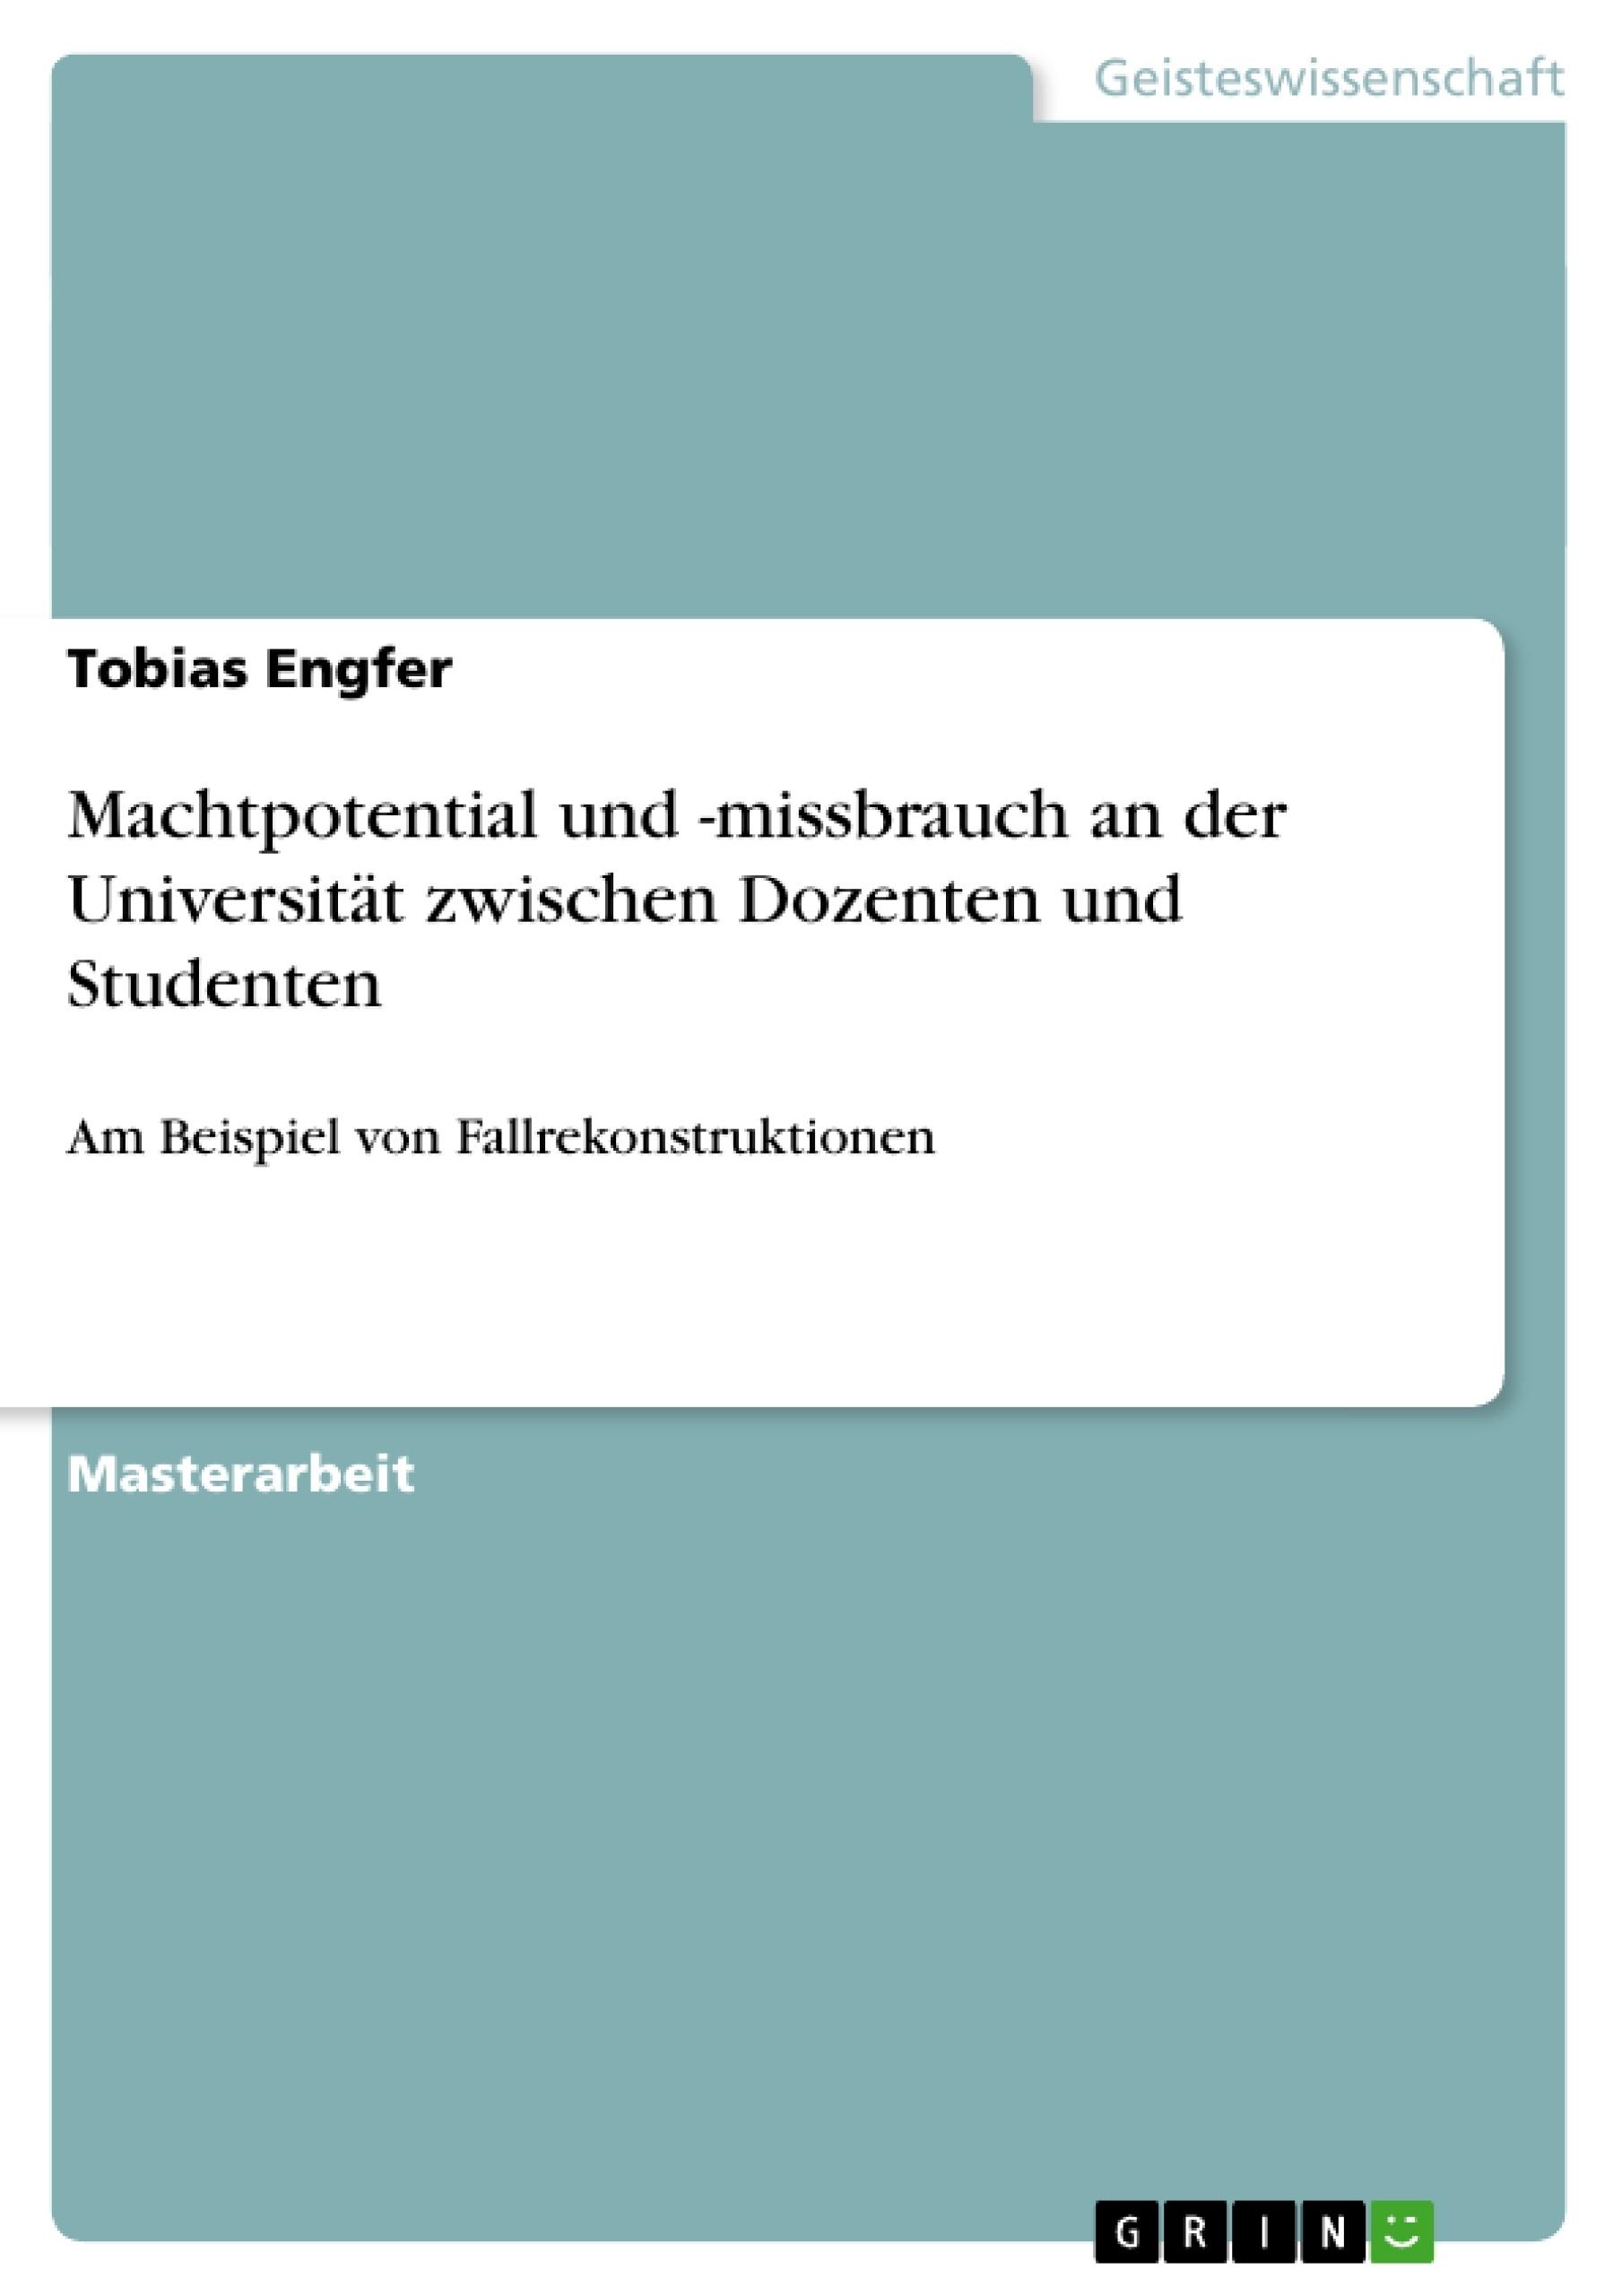 Titel: Machtpotential und -missbrauch an der Universität zwischen Dozenten und Studenten